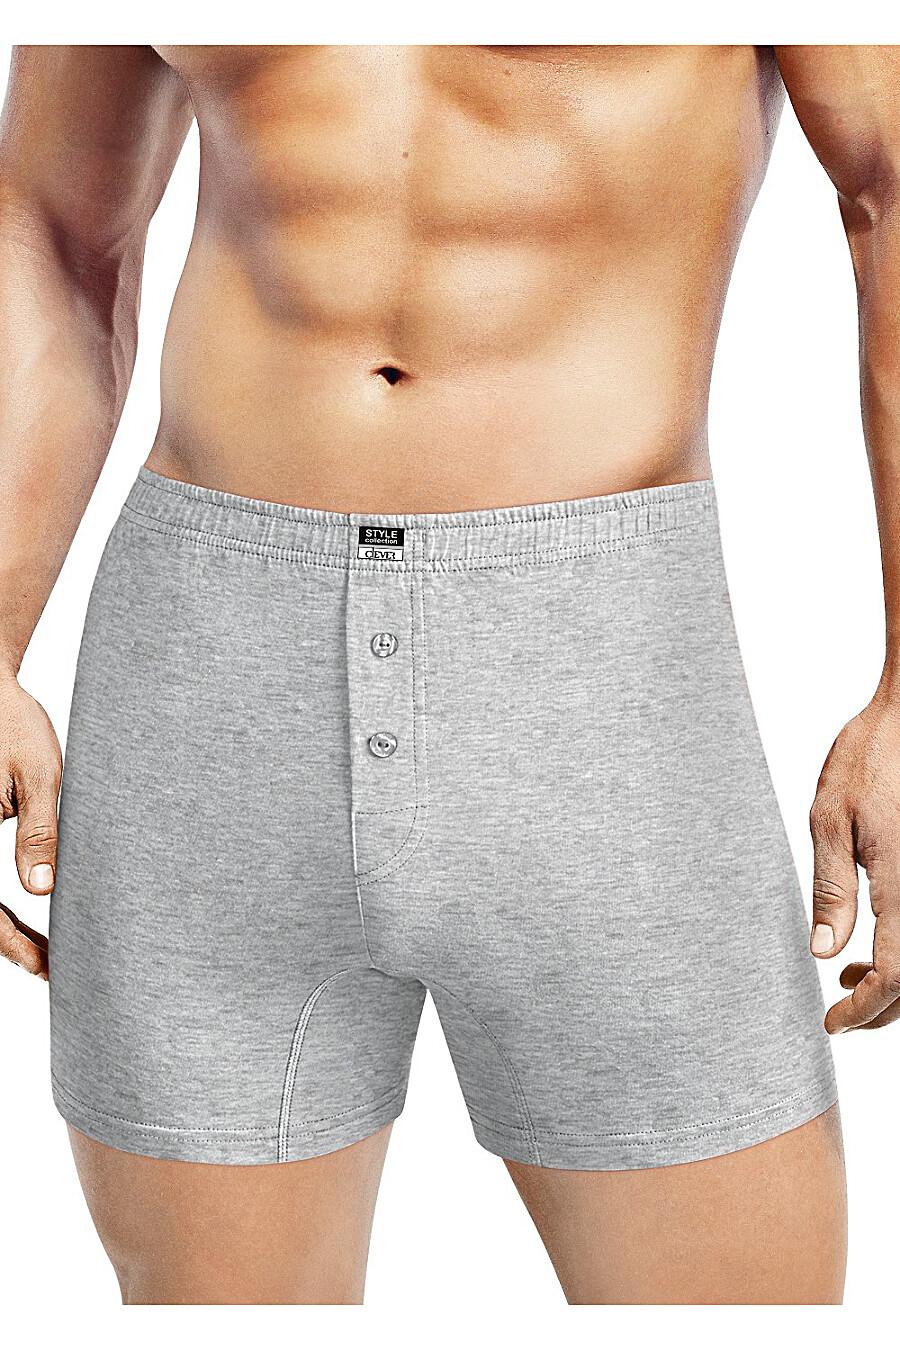 Трусы для мужчин CLEVER 151968 купить оптом от производителя. Совместная покупка мужской одежды в OptMoyo